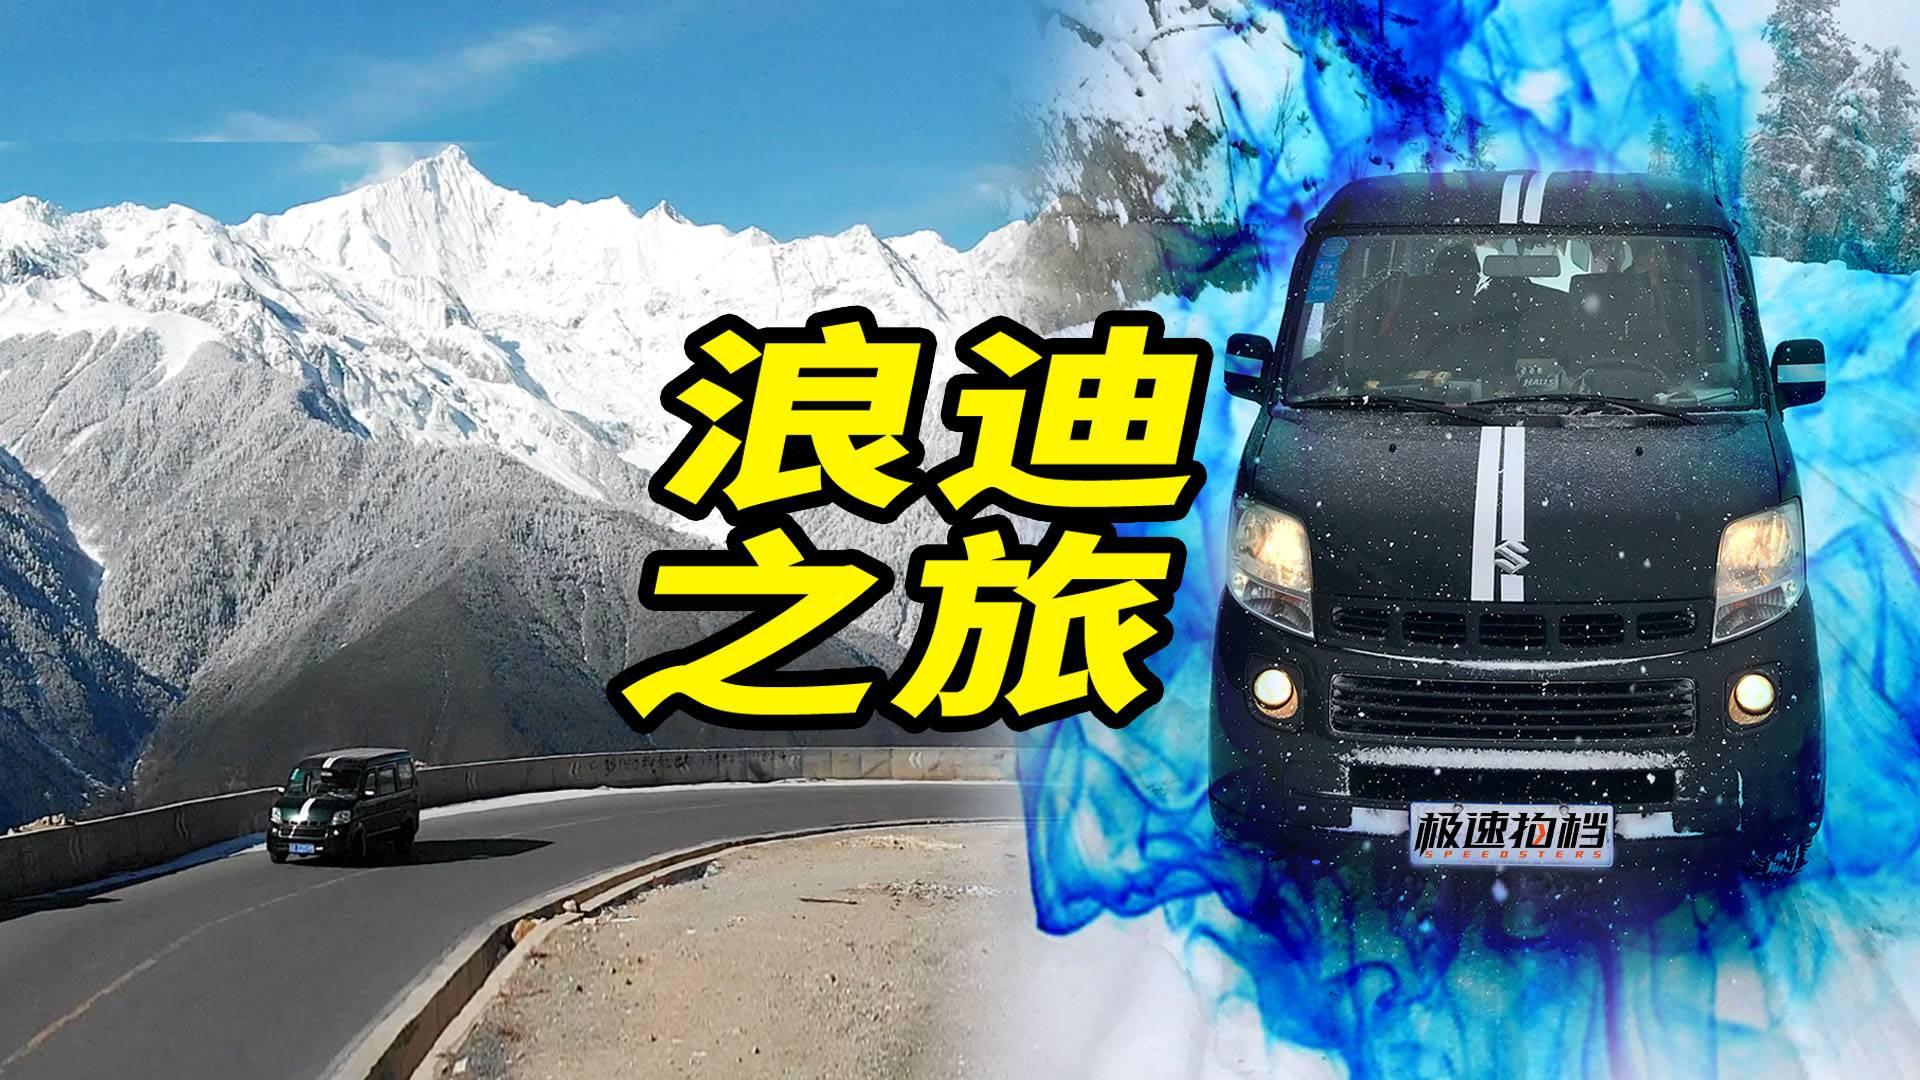 这个春节 开1万块的车去西藏有多难?